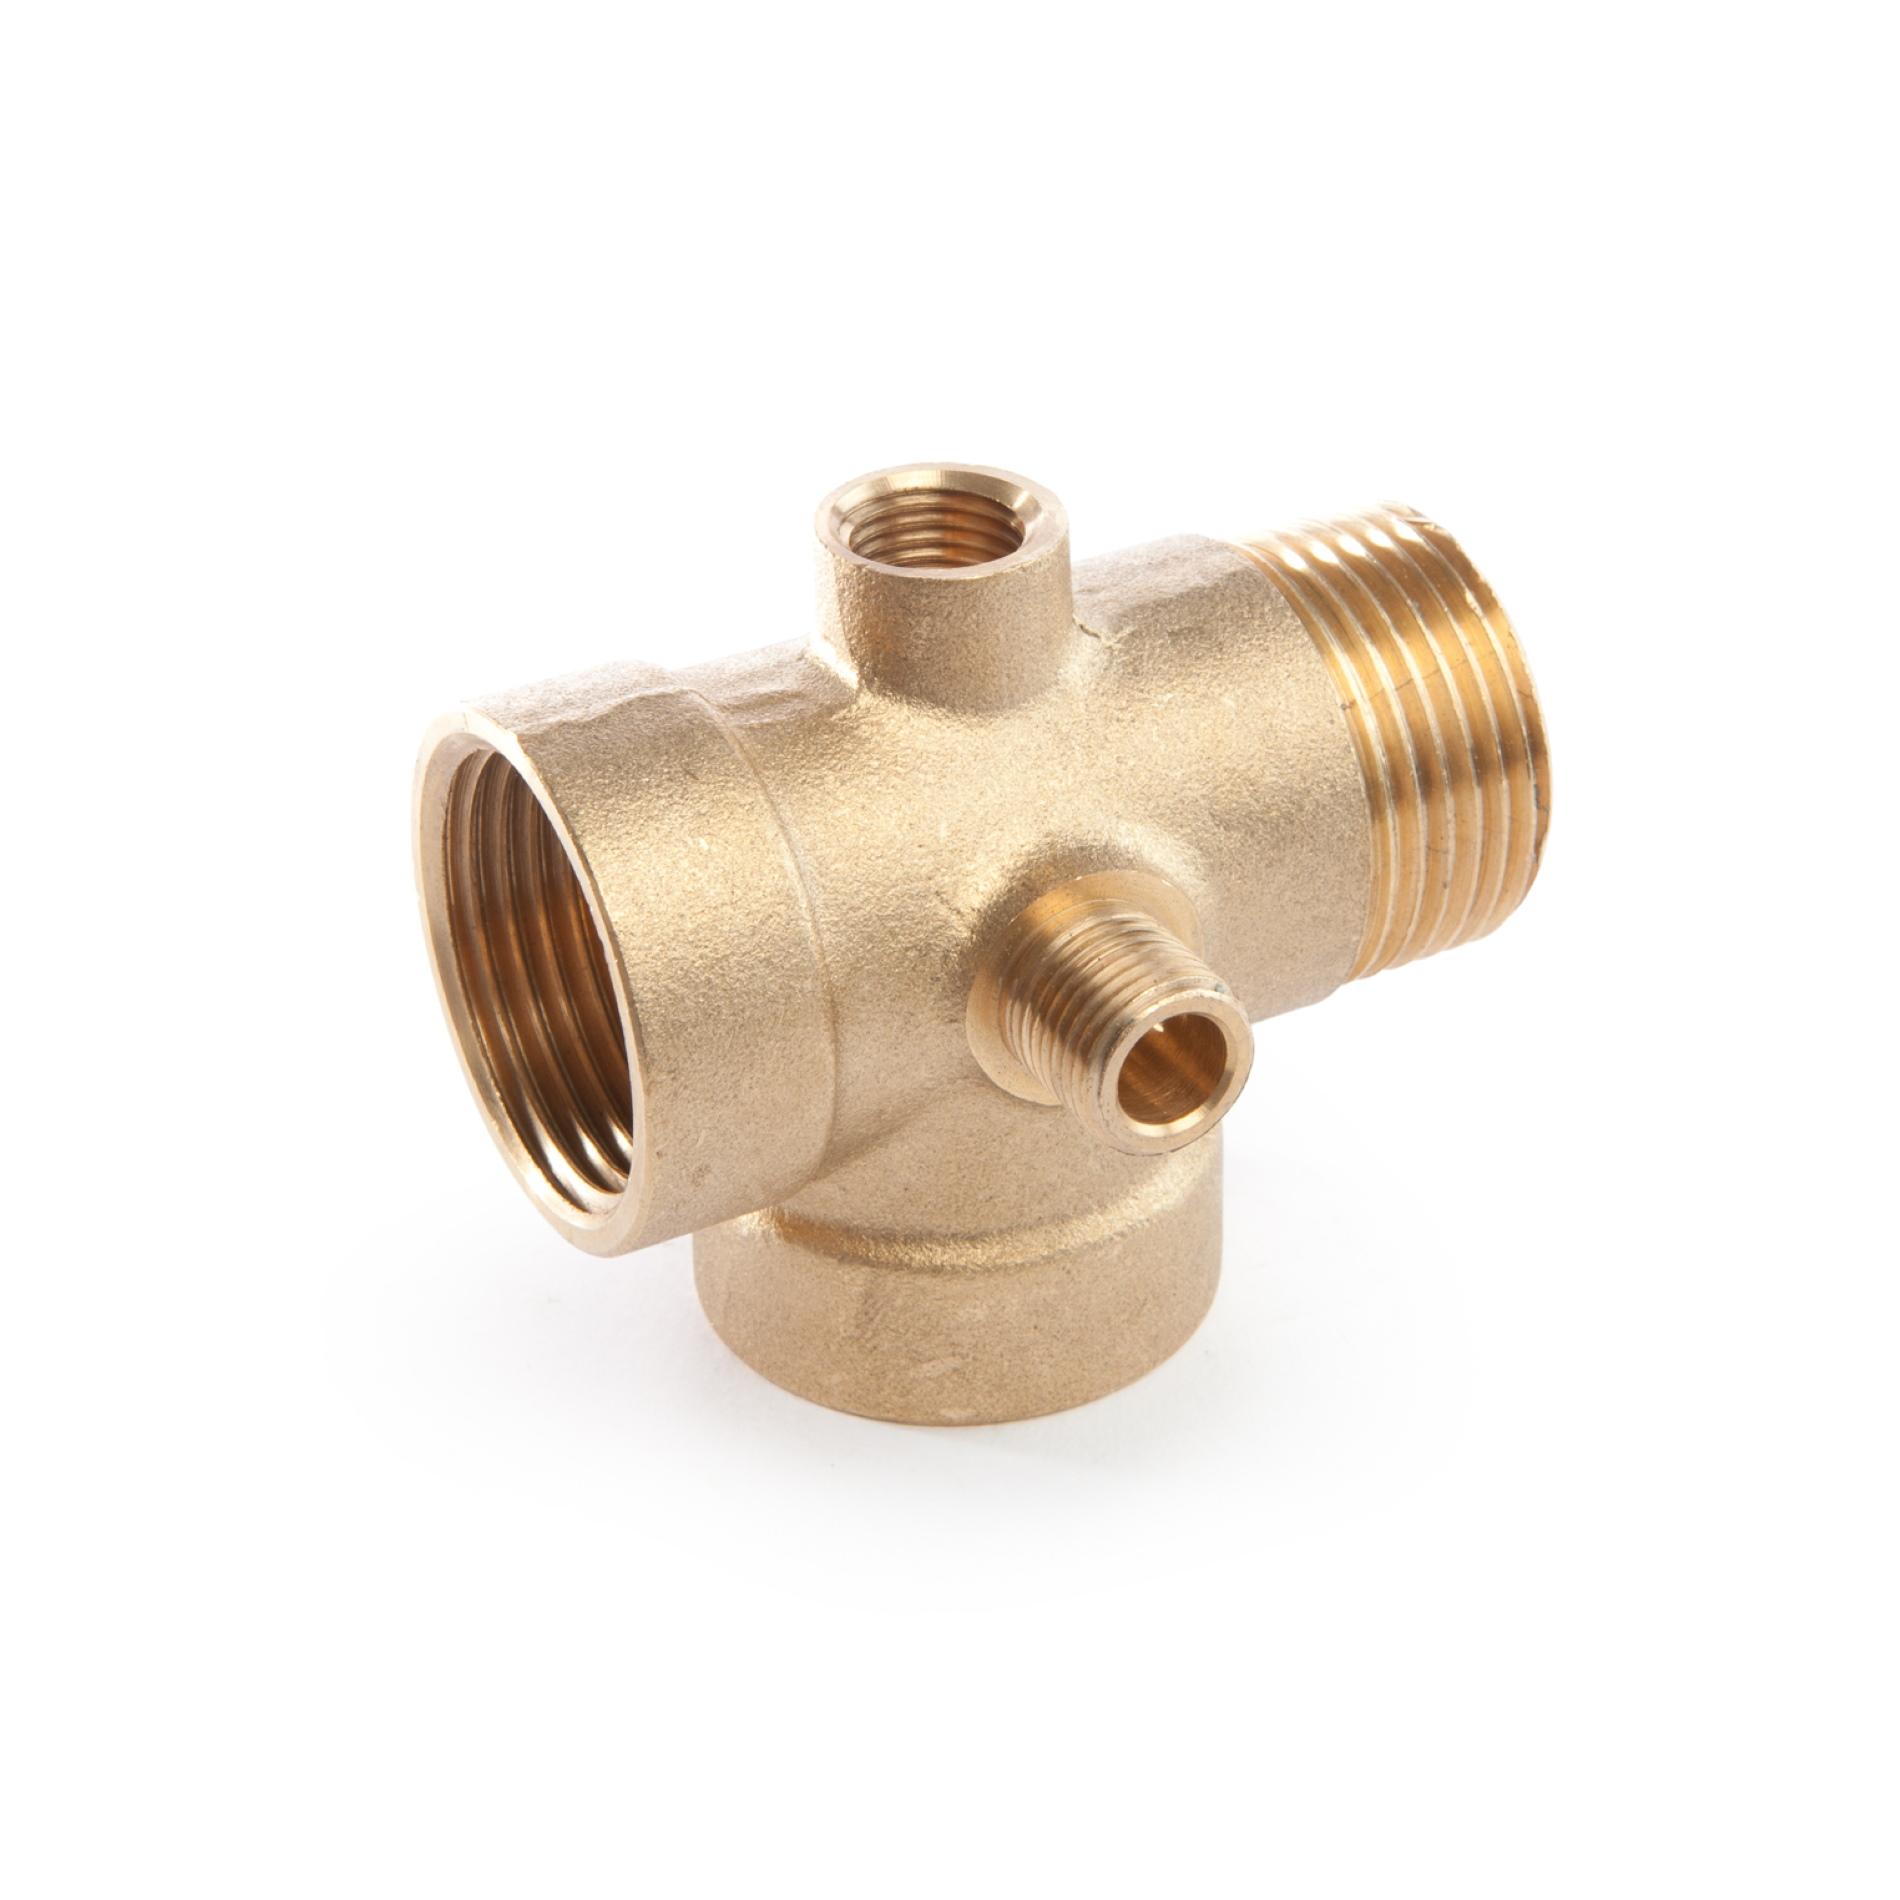 605 Raccordo a cinque vie tipo normale H72 mm Five-way union standard type threaded ottone filettato brass